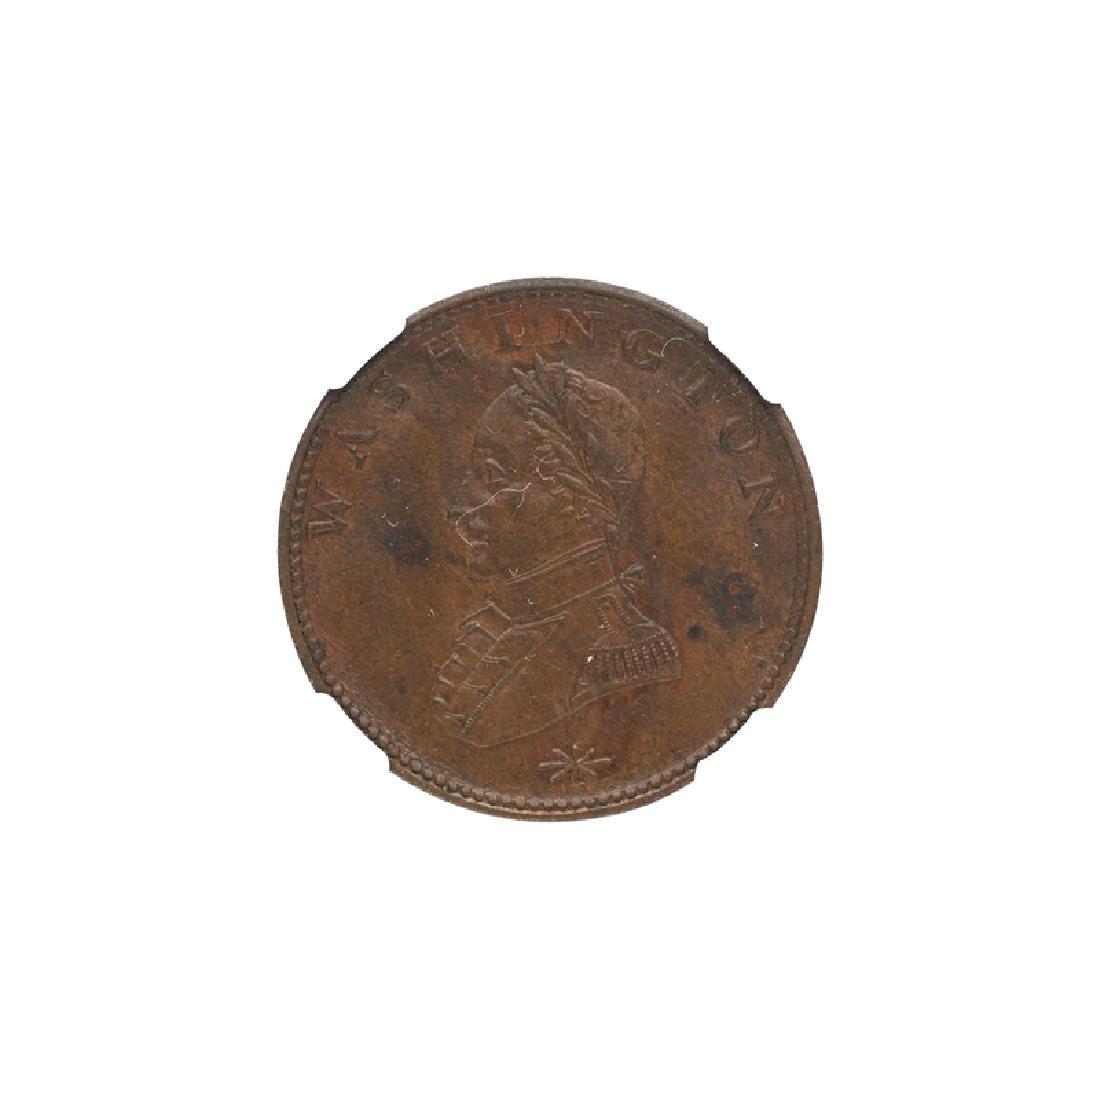 U.S. (1783) WASHINGTON 1C COIN